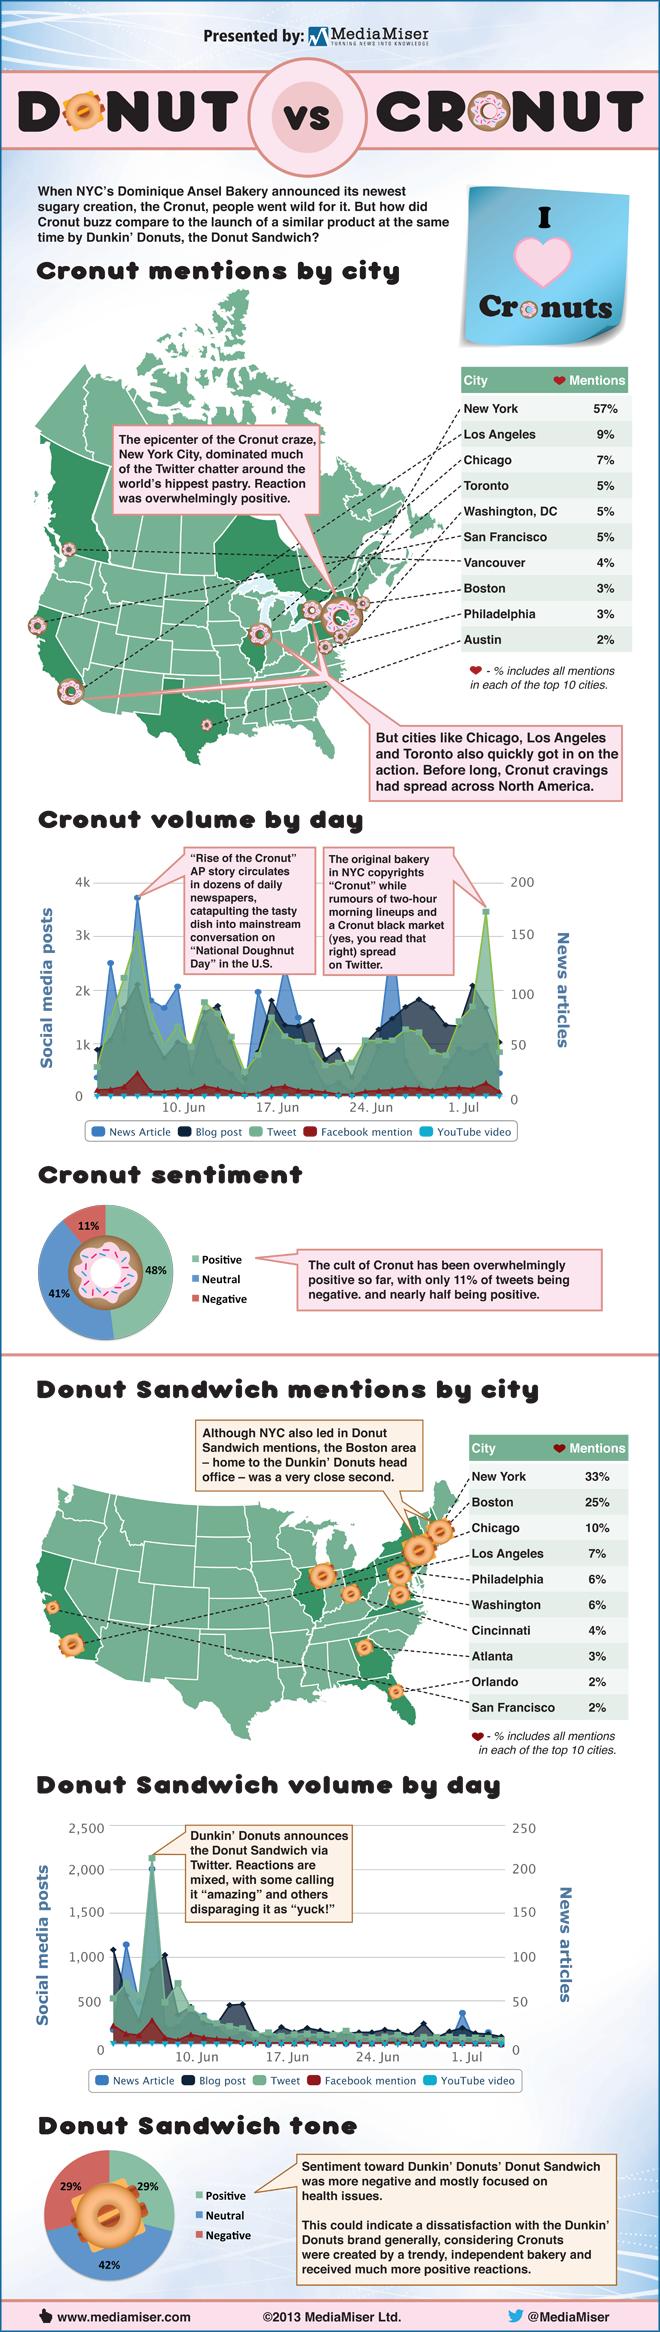 Donut vs Cronut